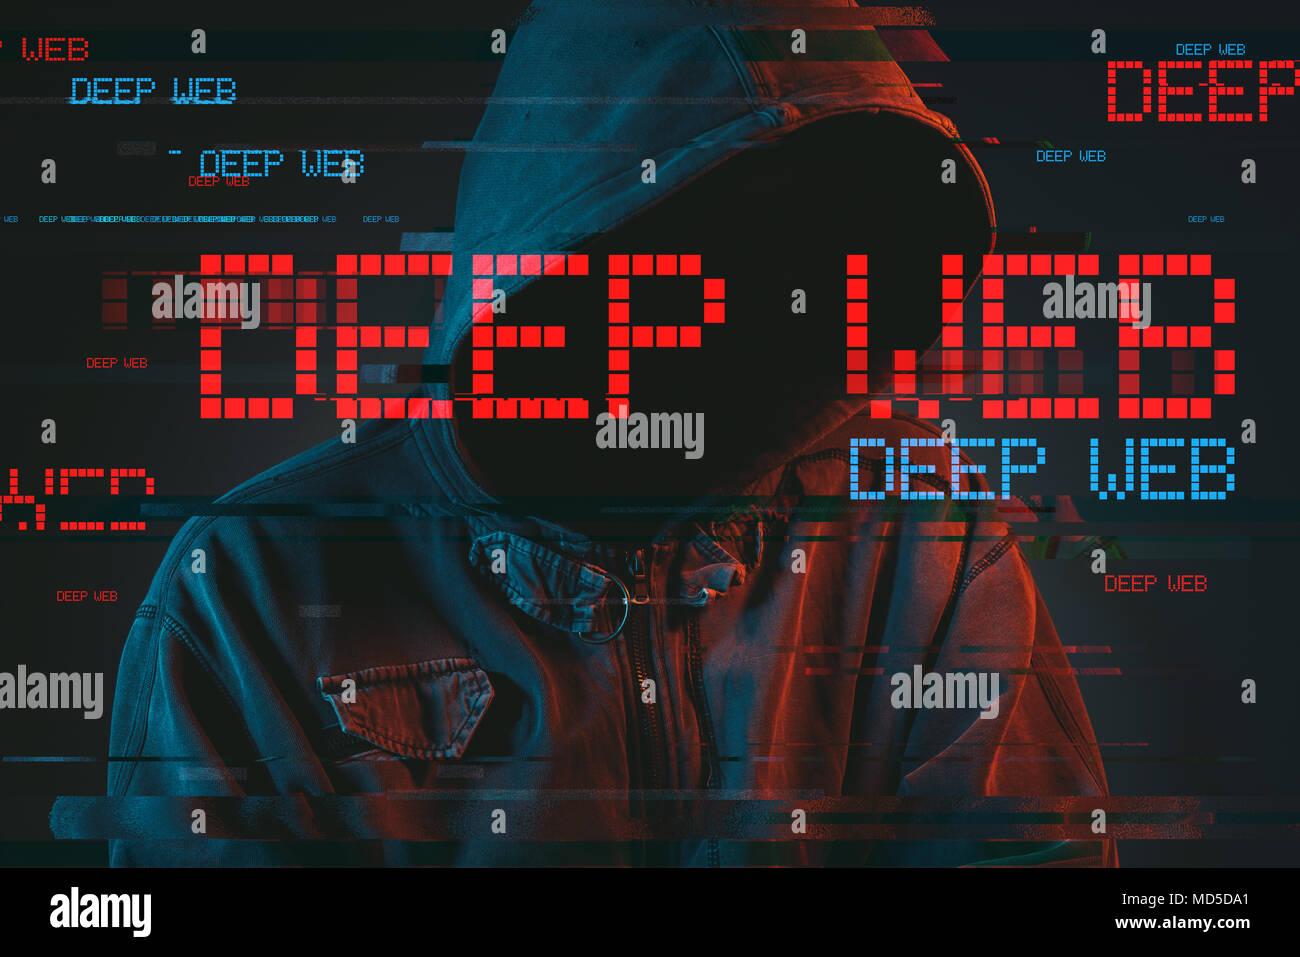 Deep Web hacking Konzept mit gesichtslosen Hooded männliche Person, Low Key rot und blau beleuchtete Bild und digitale glitch Wirkung Stockbild